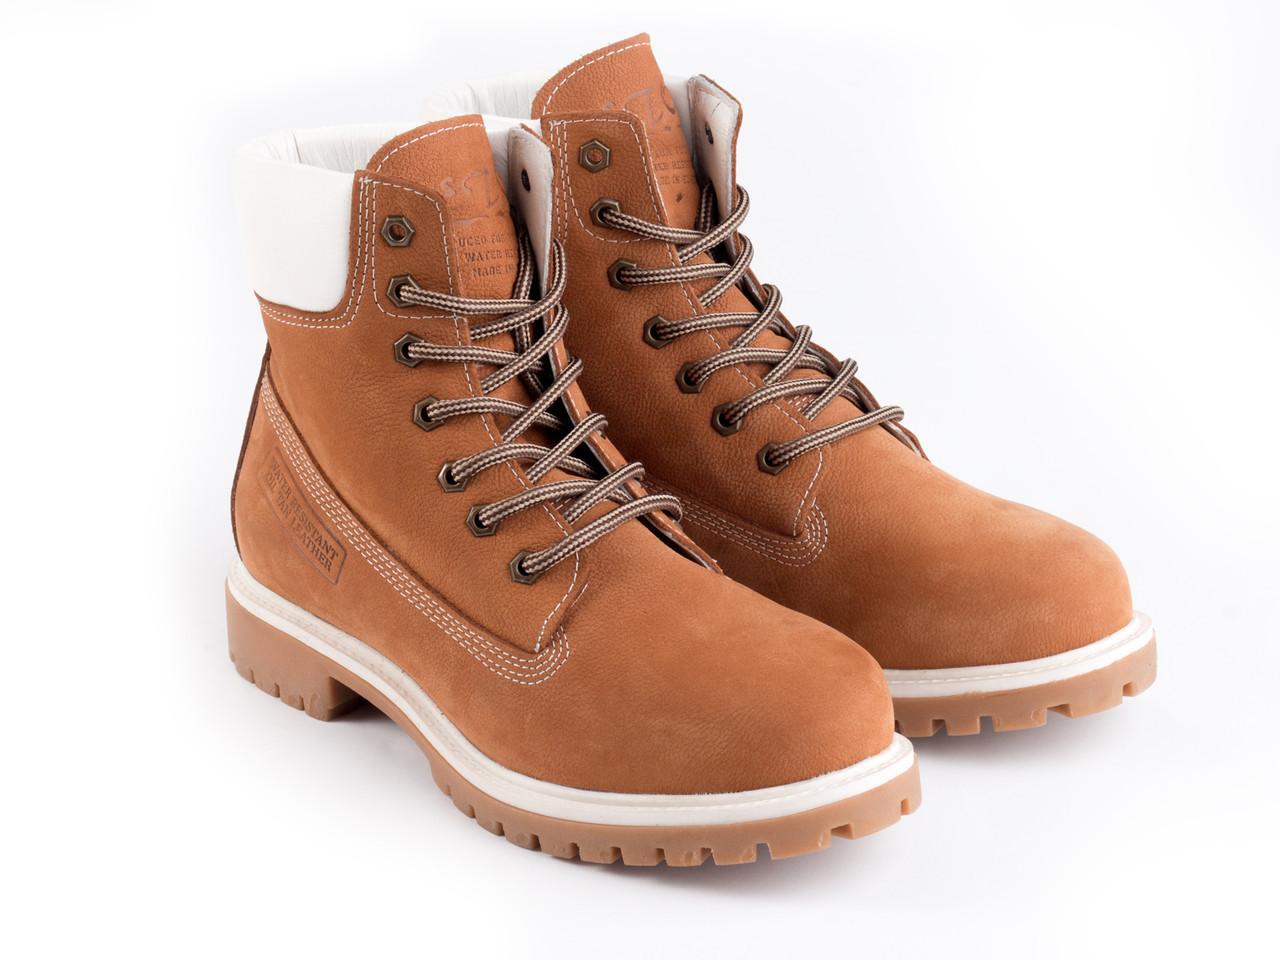 Ботинки Etor 9916-2298-10 42 рыжие